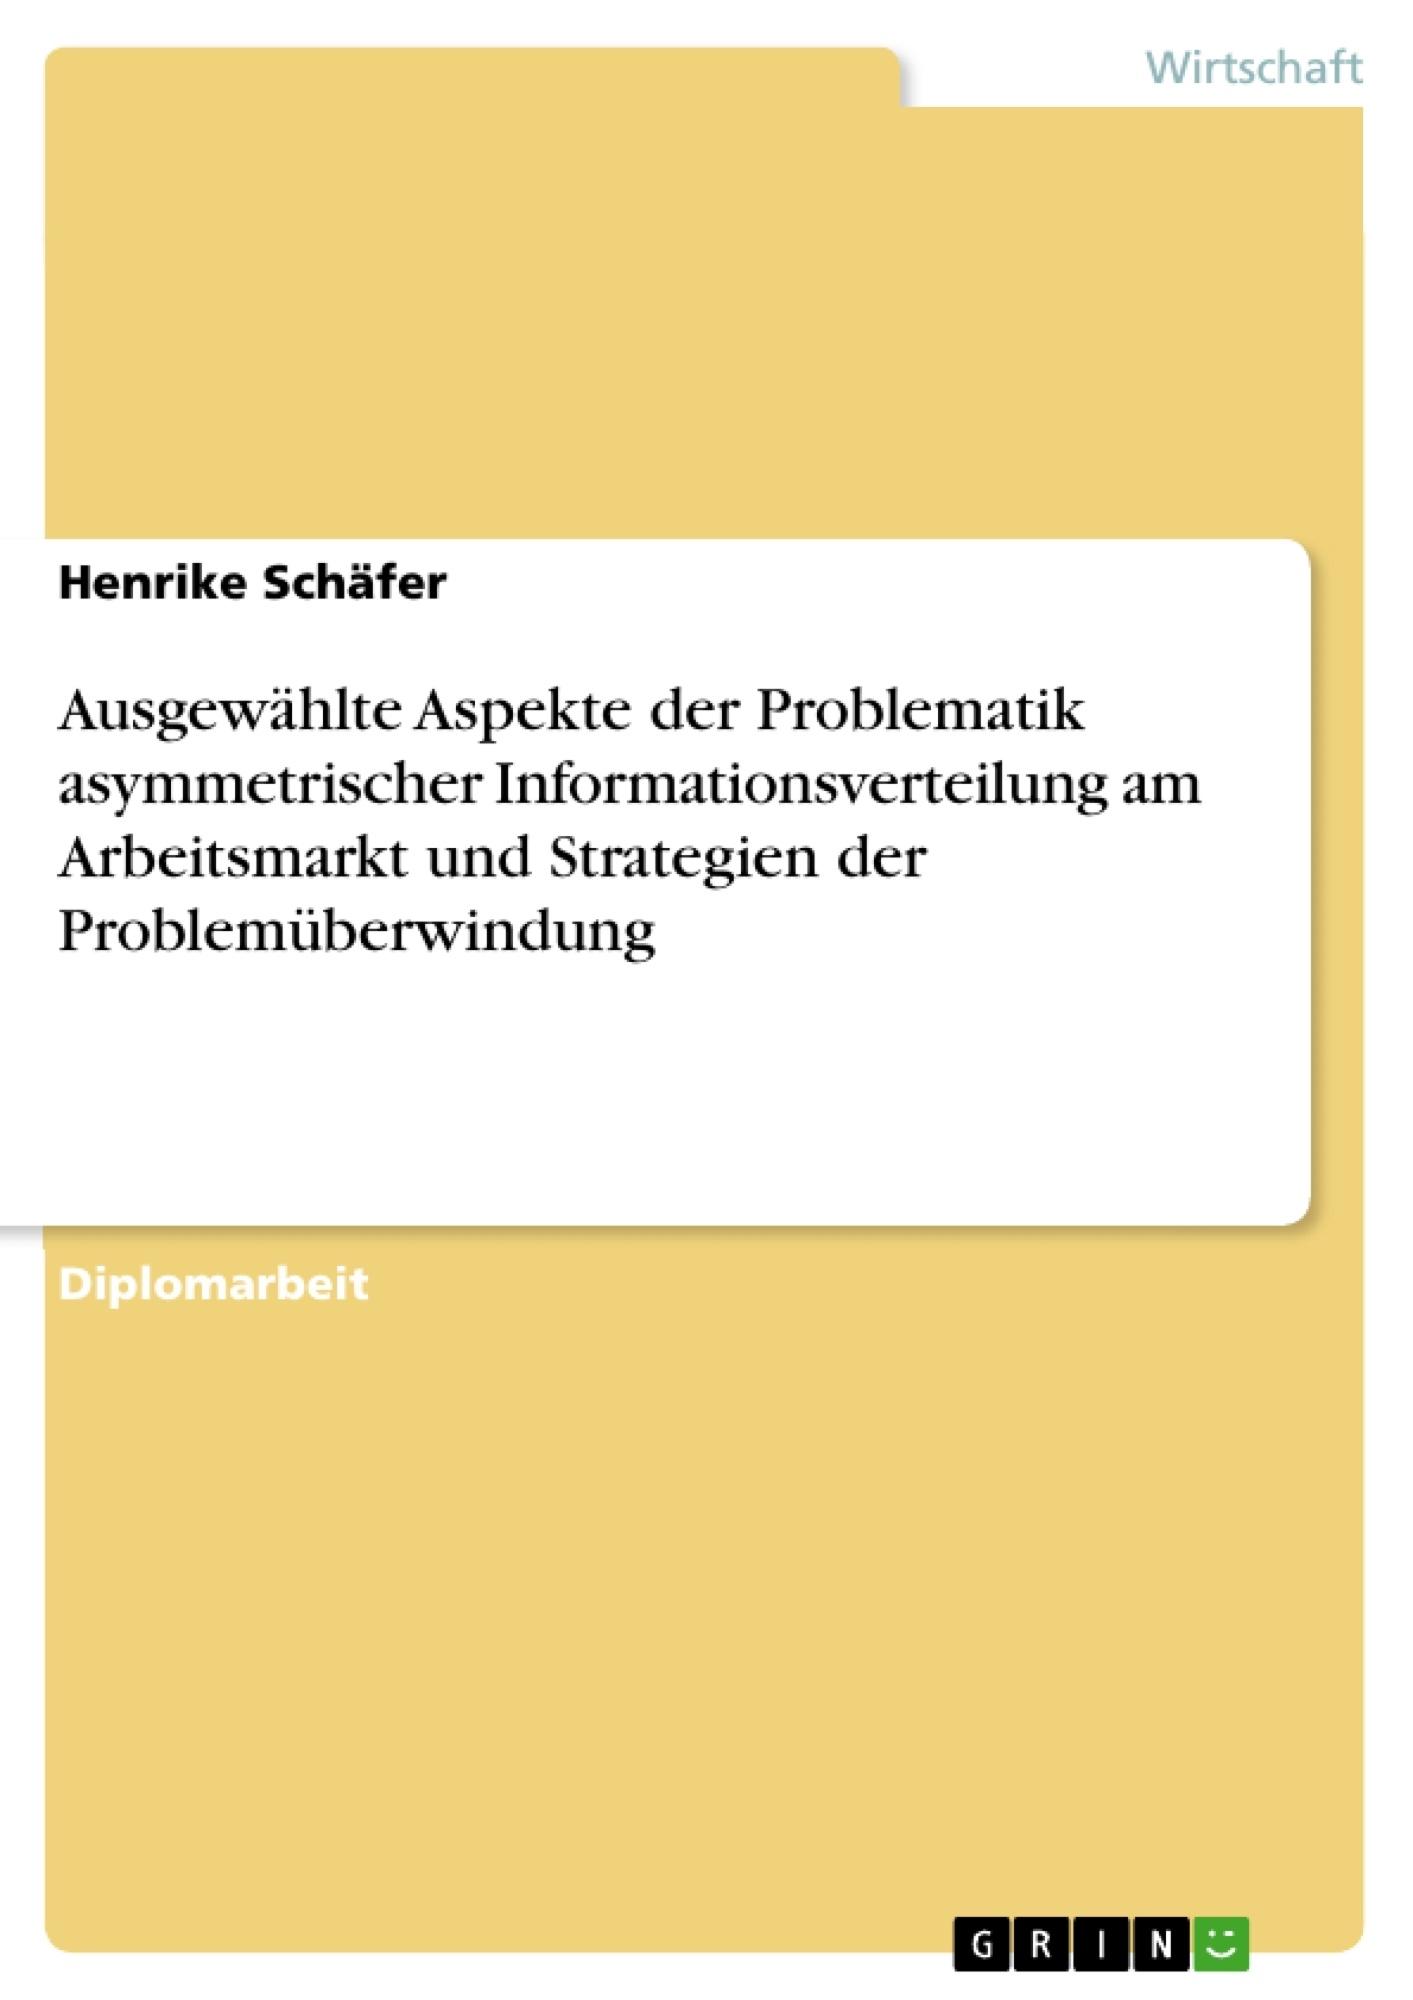 Titel: Ausgewählte Aspekte der Problematik asymmetrischer Informationsverteilung am Arbeitsmarkt und Strategien der Problemüberwindung